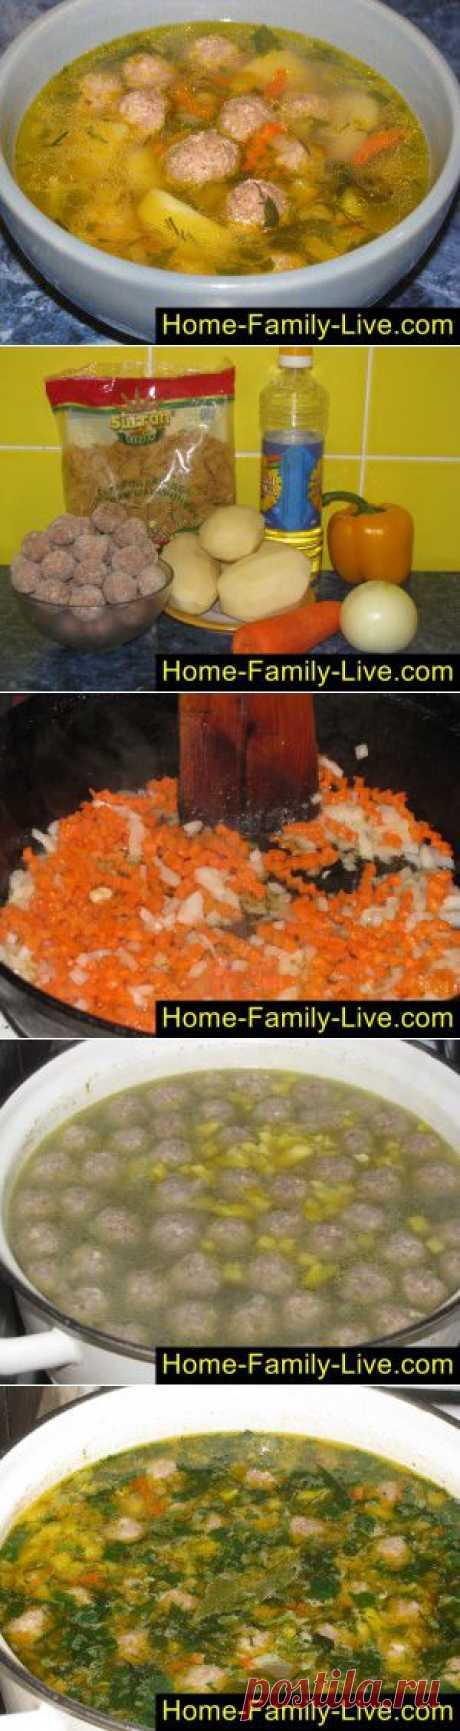 Суп с фрикадельками - пошаговый фоторецепт - быстрый суп с фрикадельками